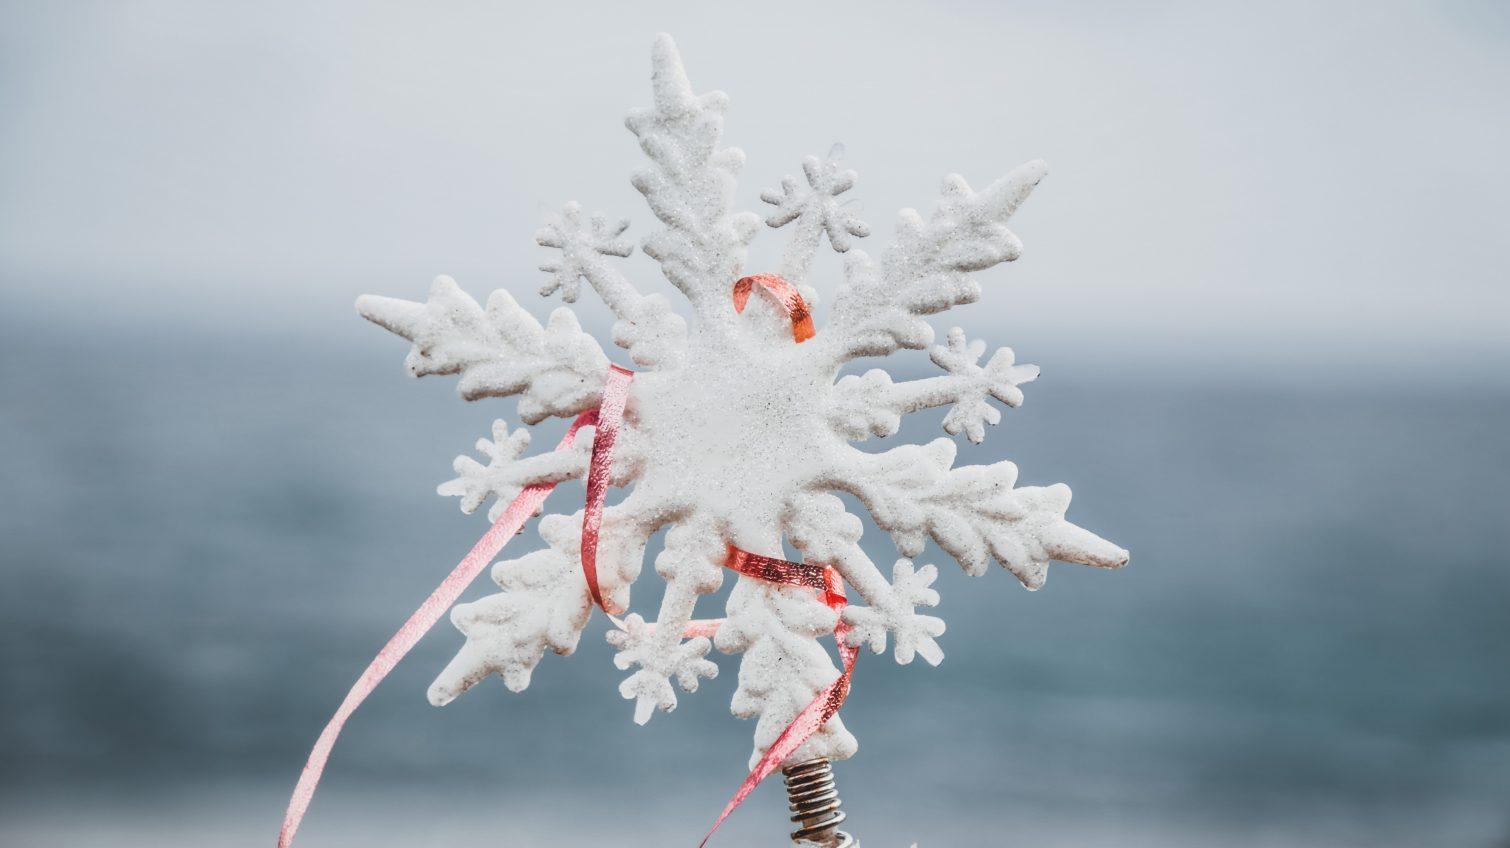 Глобальное потепление отменяется: одесскую зиму назвали нормальной «фото»